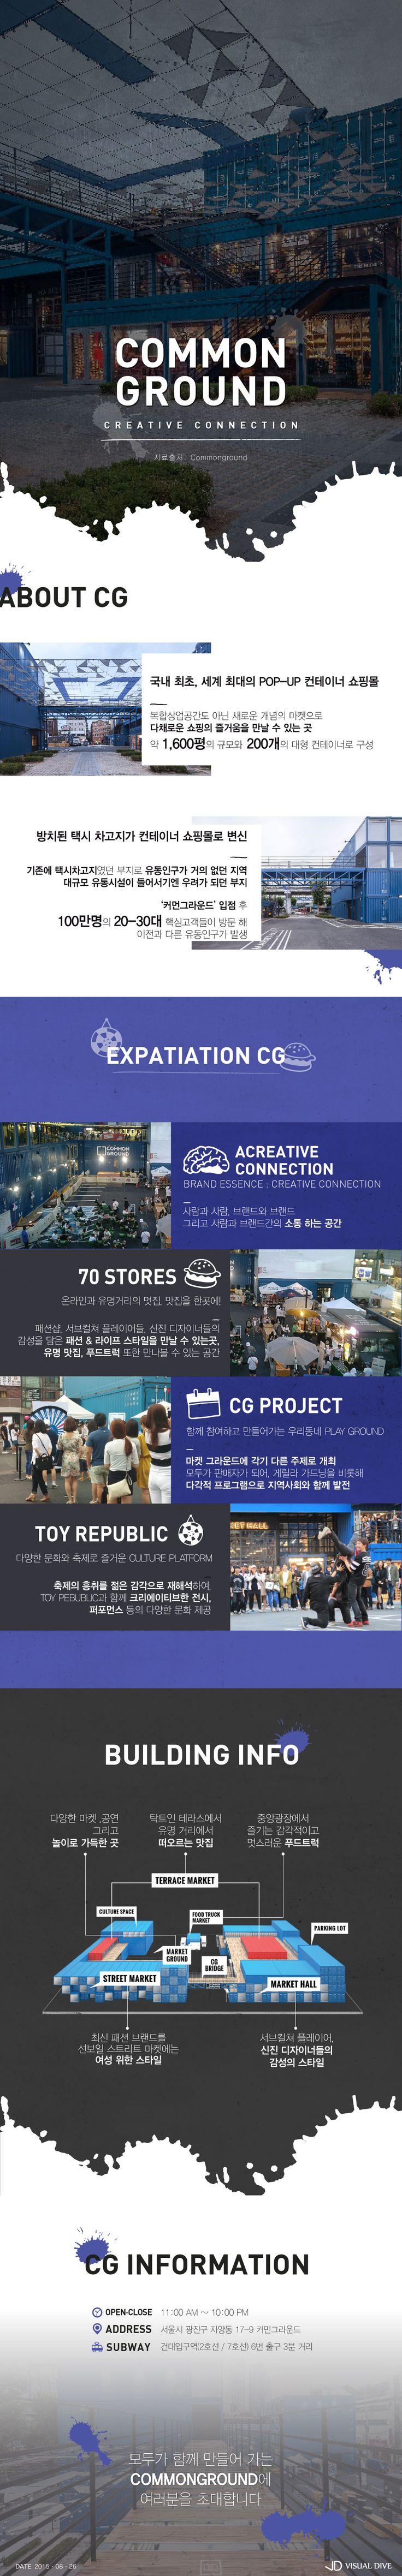 컨테이너 쇼핑몰 '커먼그라운드' 100배 즐기기 [인포그래픽] #CommonGround / #Infographic ⓒ 비주얼다이브 무단 복사·전재·재배포 금지